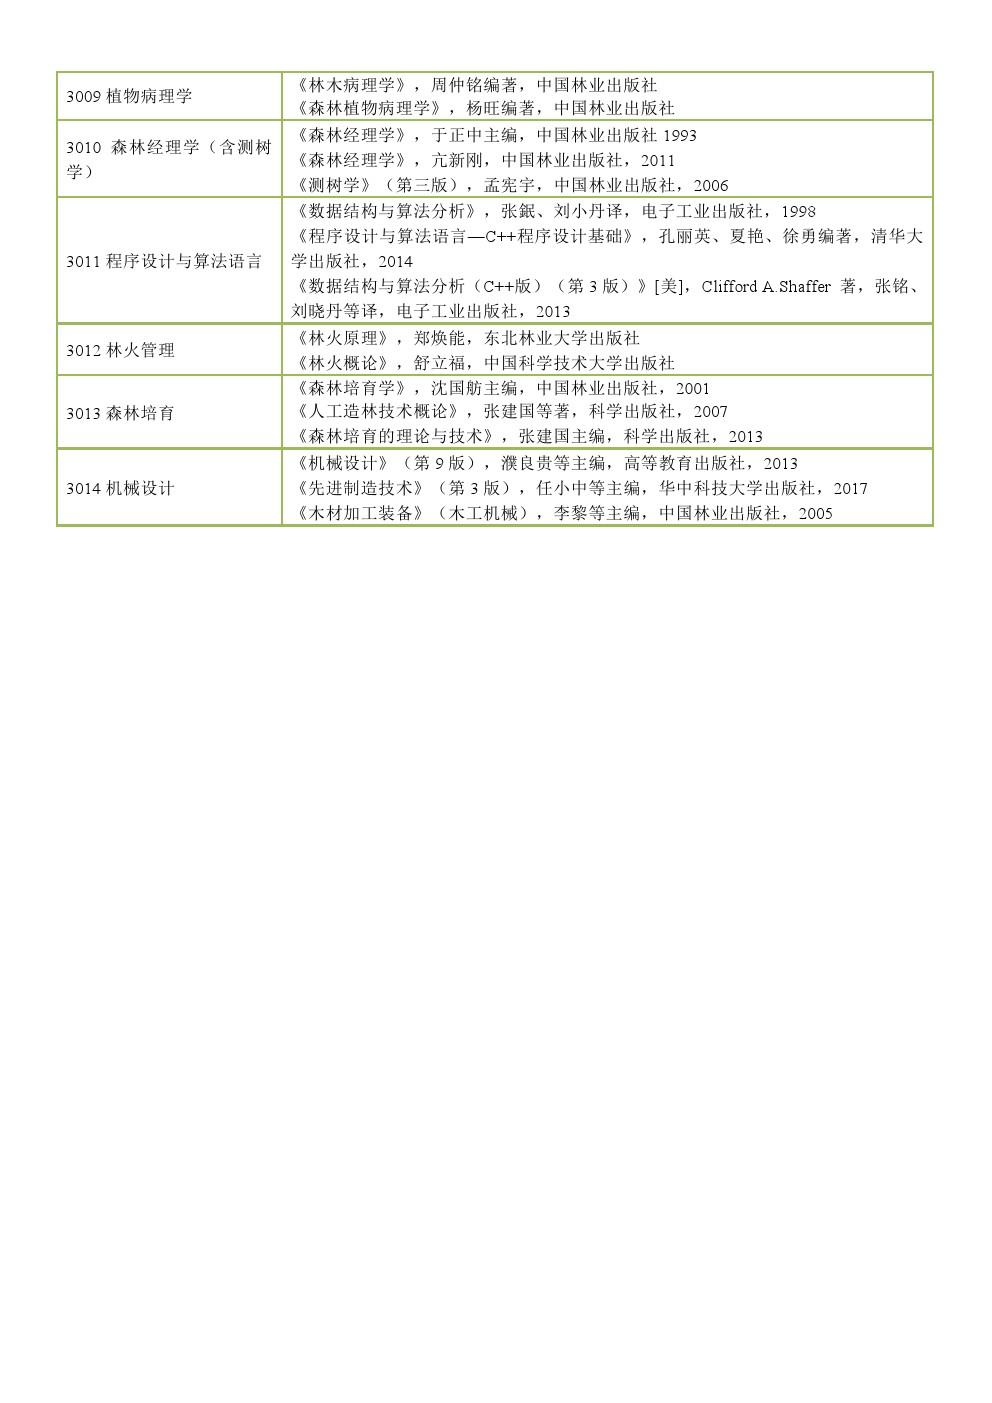 中国林业科学研究院2020年博士招生入学考试大纲及考博参考书